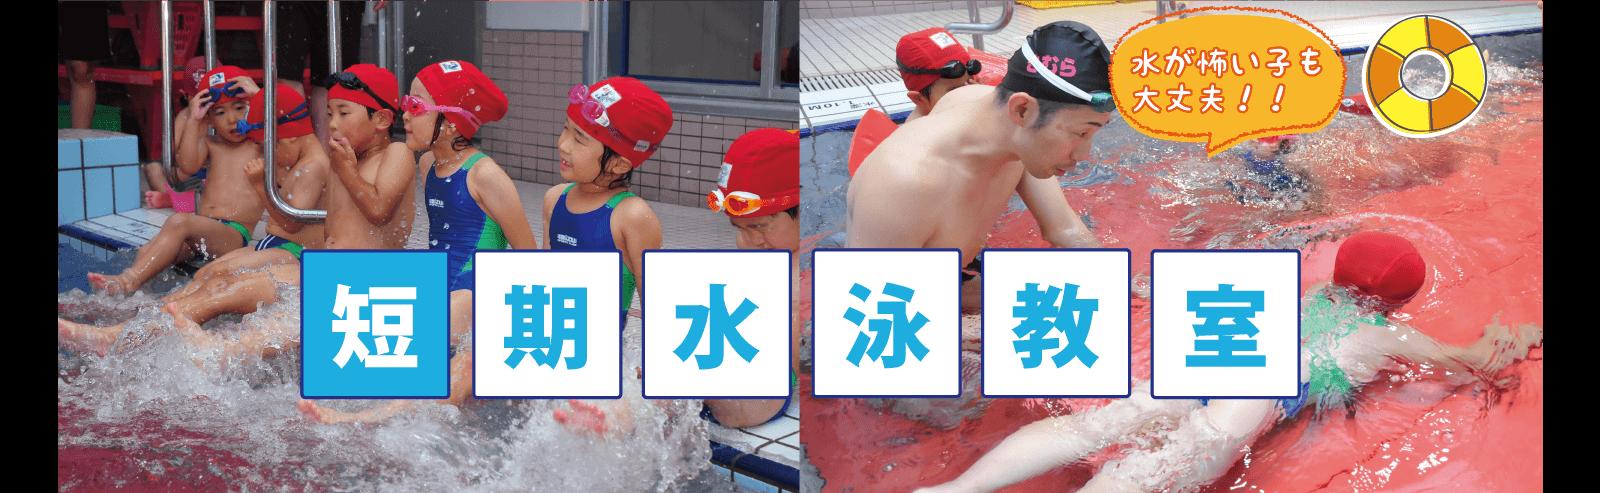 子ども水泳体験受付中